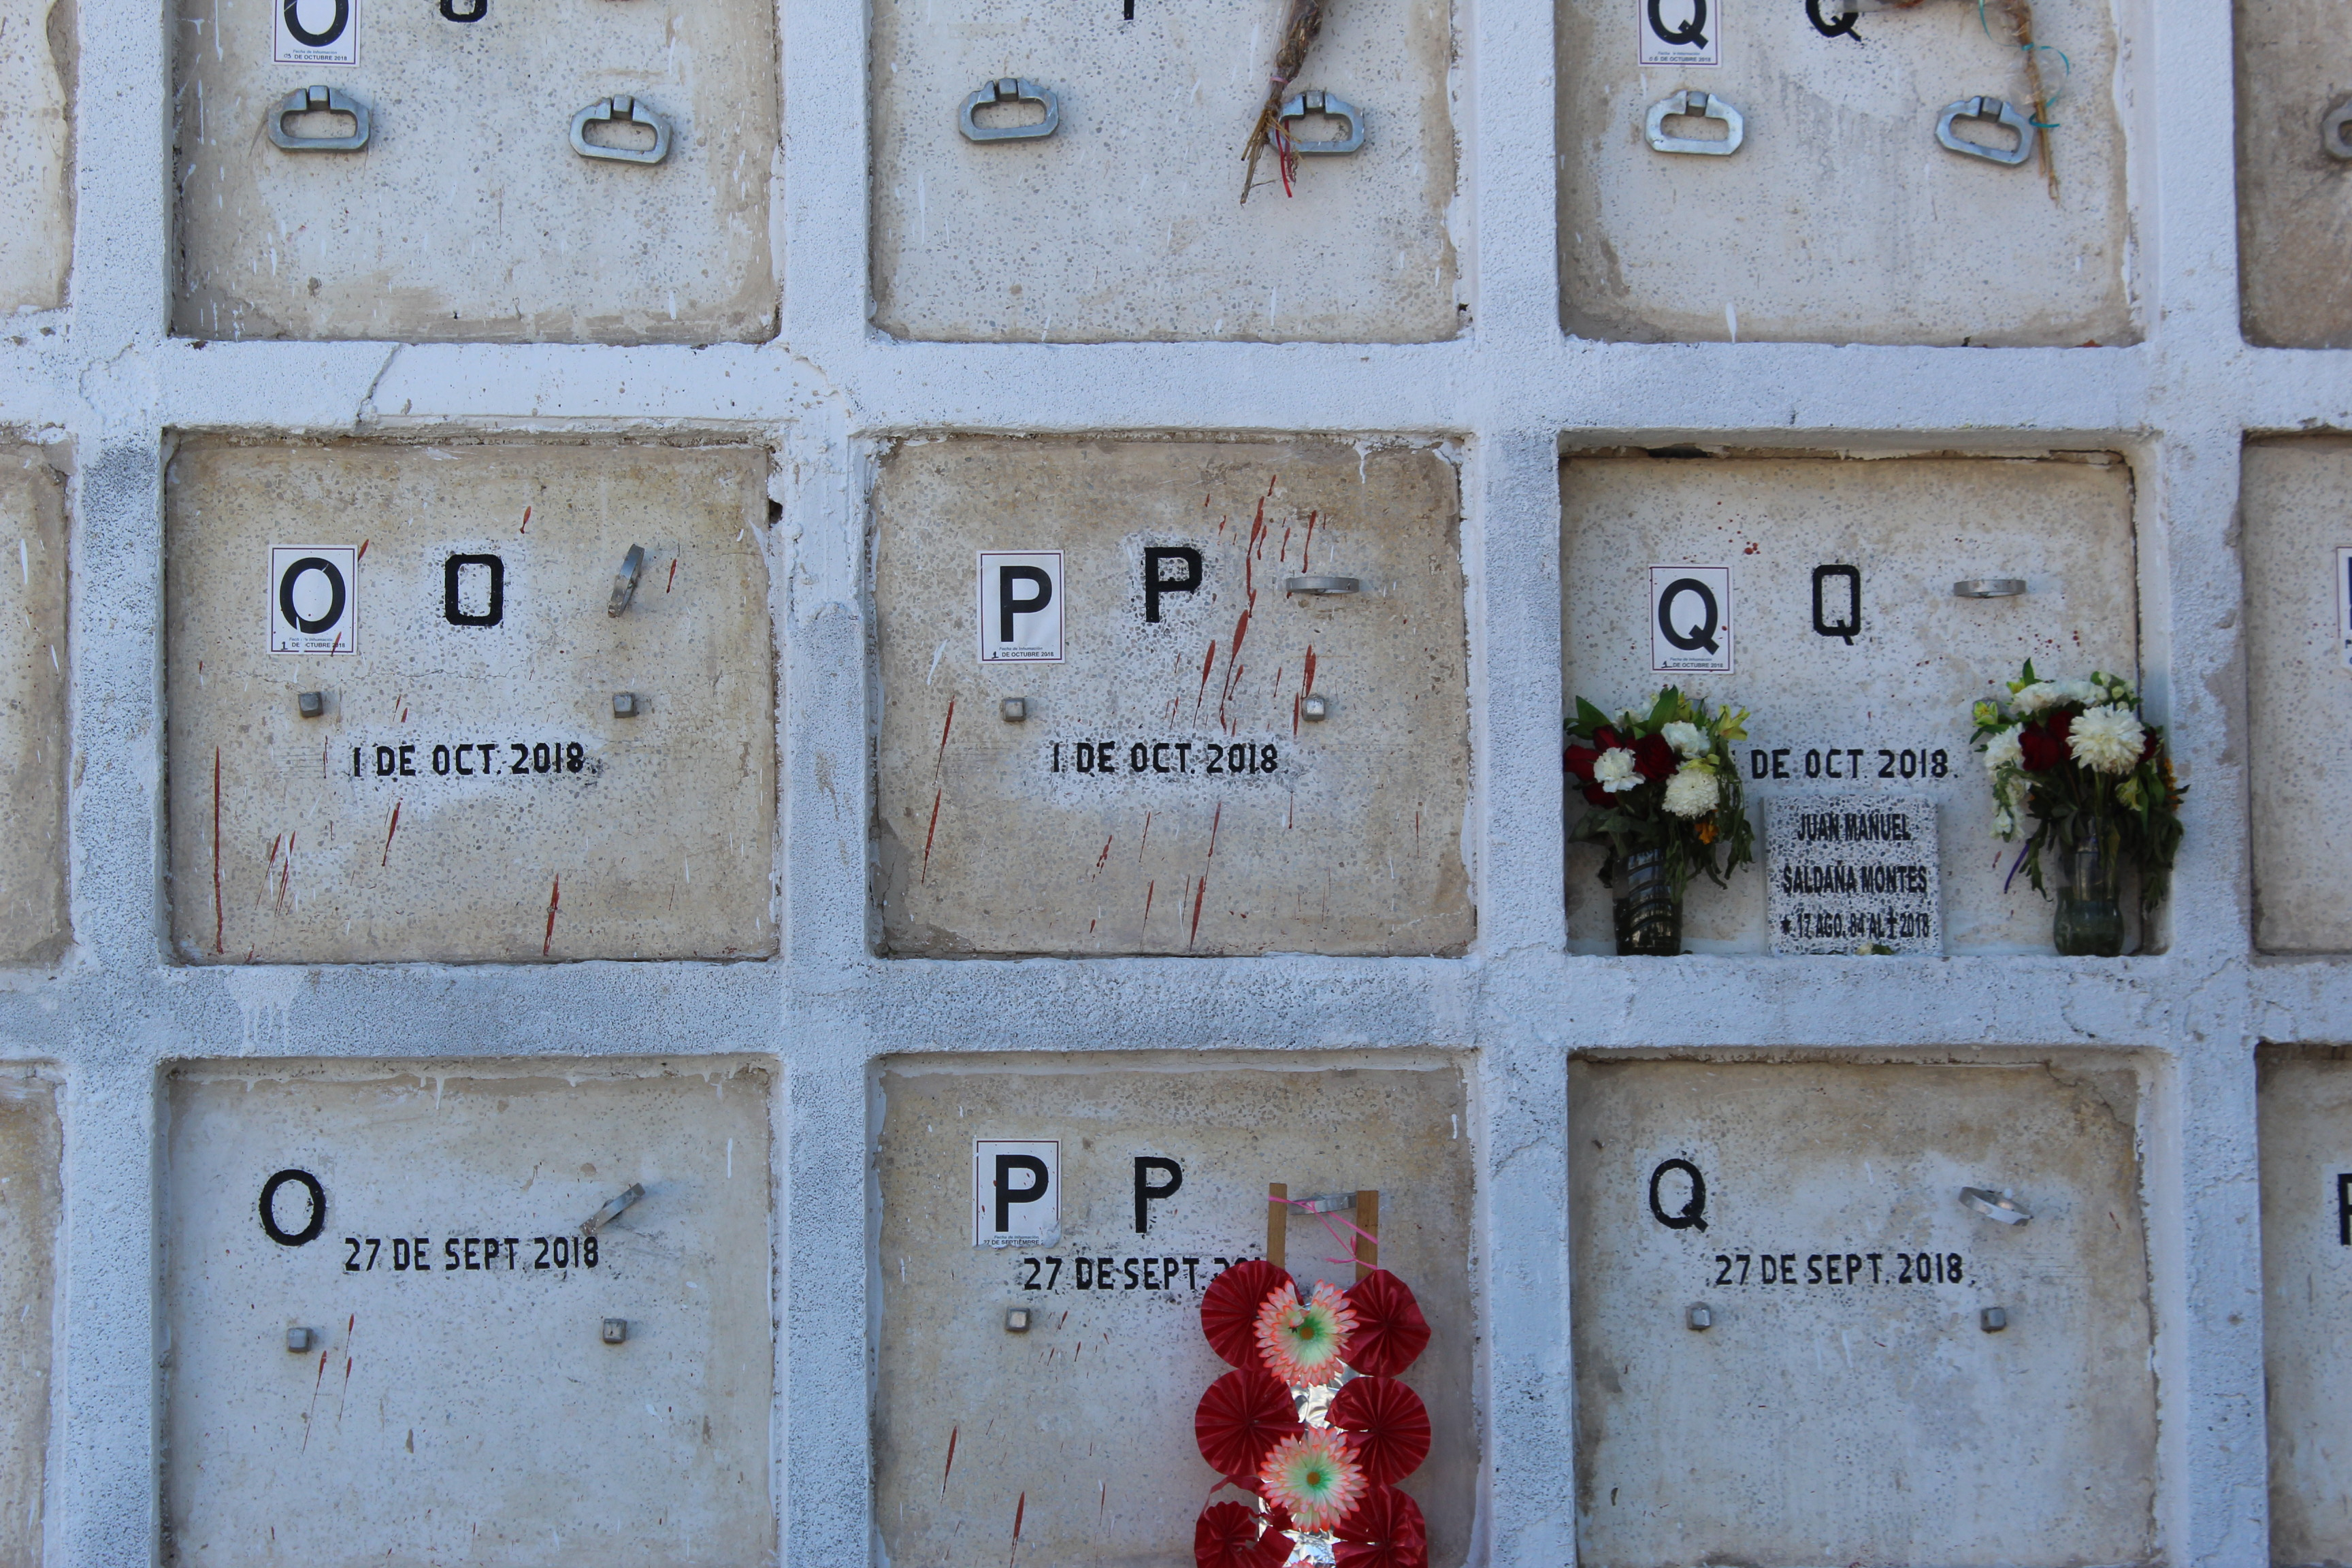 Gavetas del Panteón Guadalajara en las que fueron depositados algunos de los cuerpos de las personas hacinadas en los contenedores. Crédito: Darwin Franco.